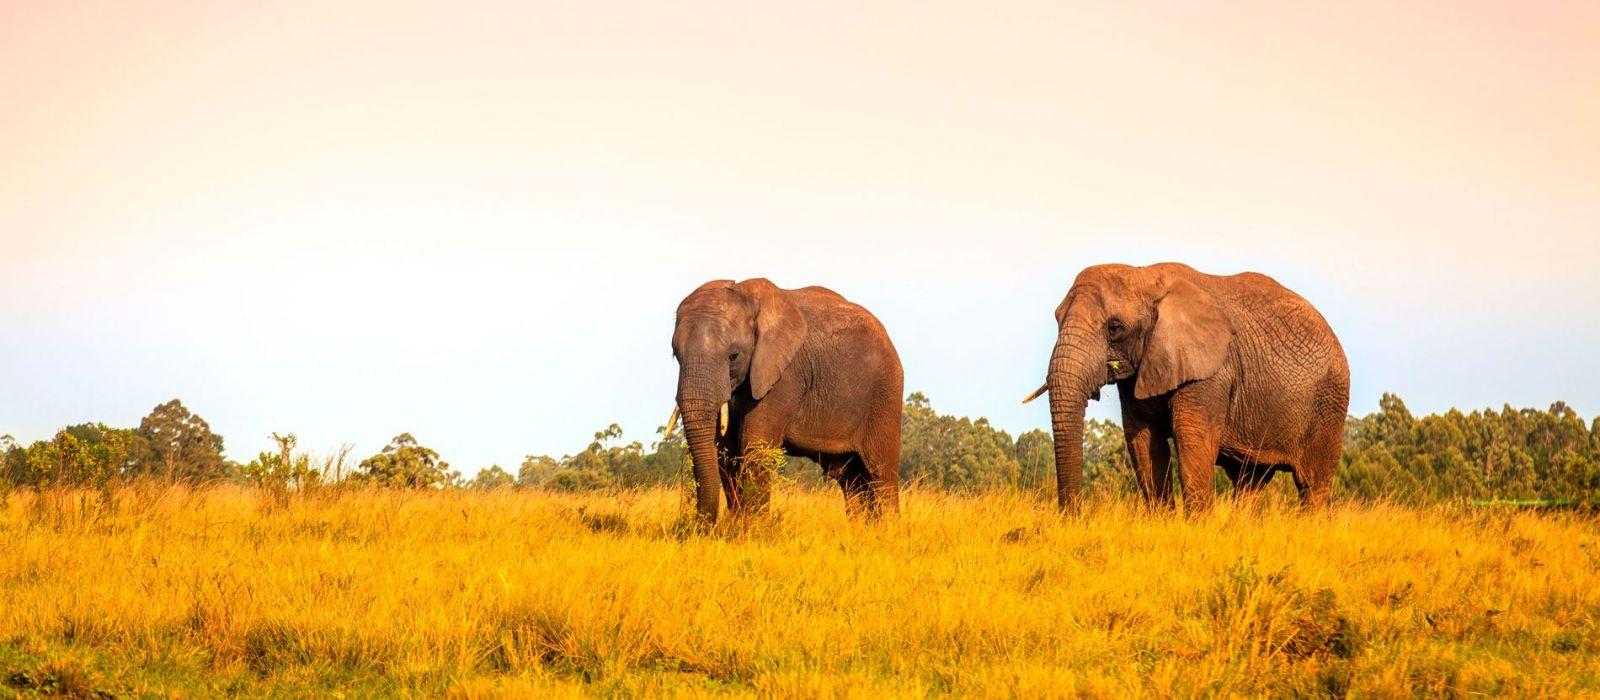 Destination Garden Route South Africa